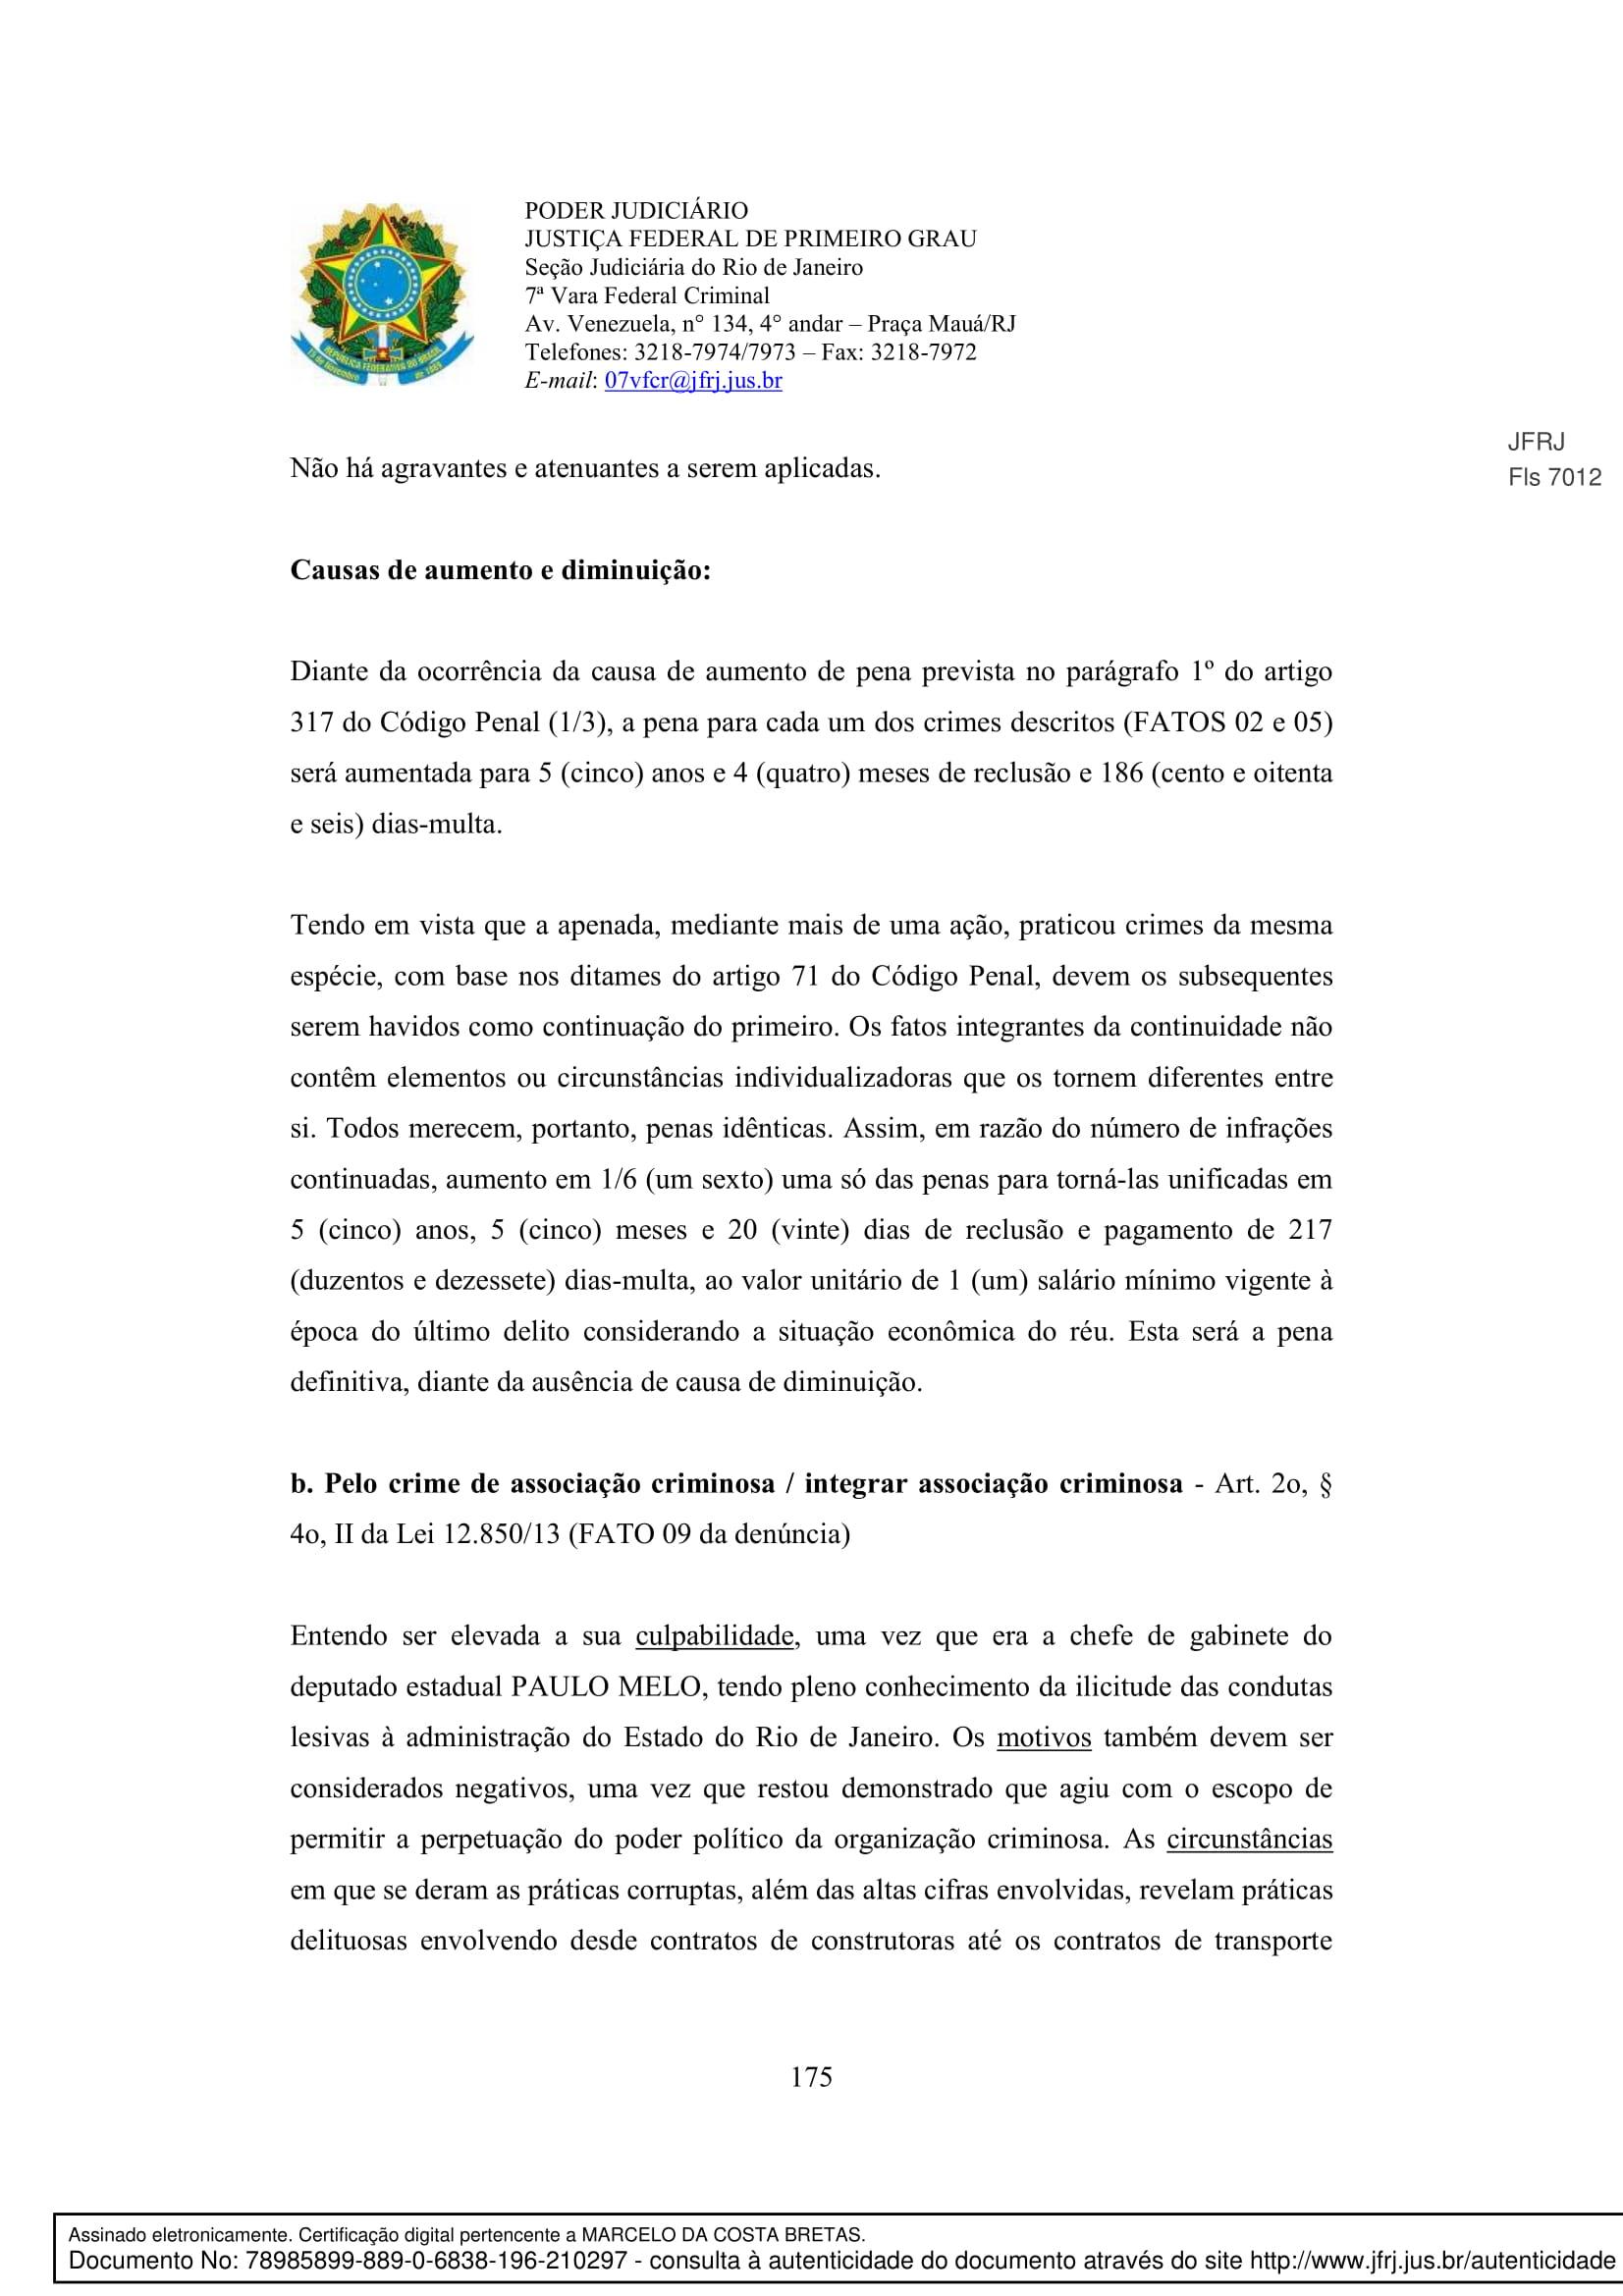 Sentenca-Cadeia-Velha-7VFC-175